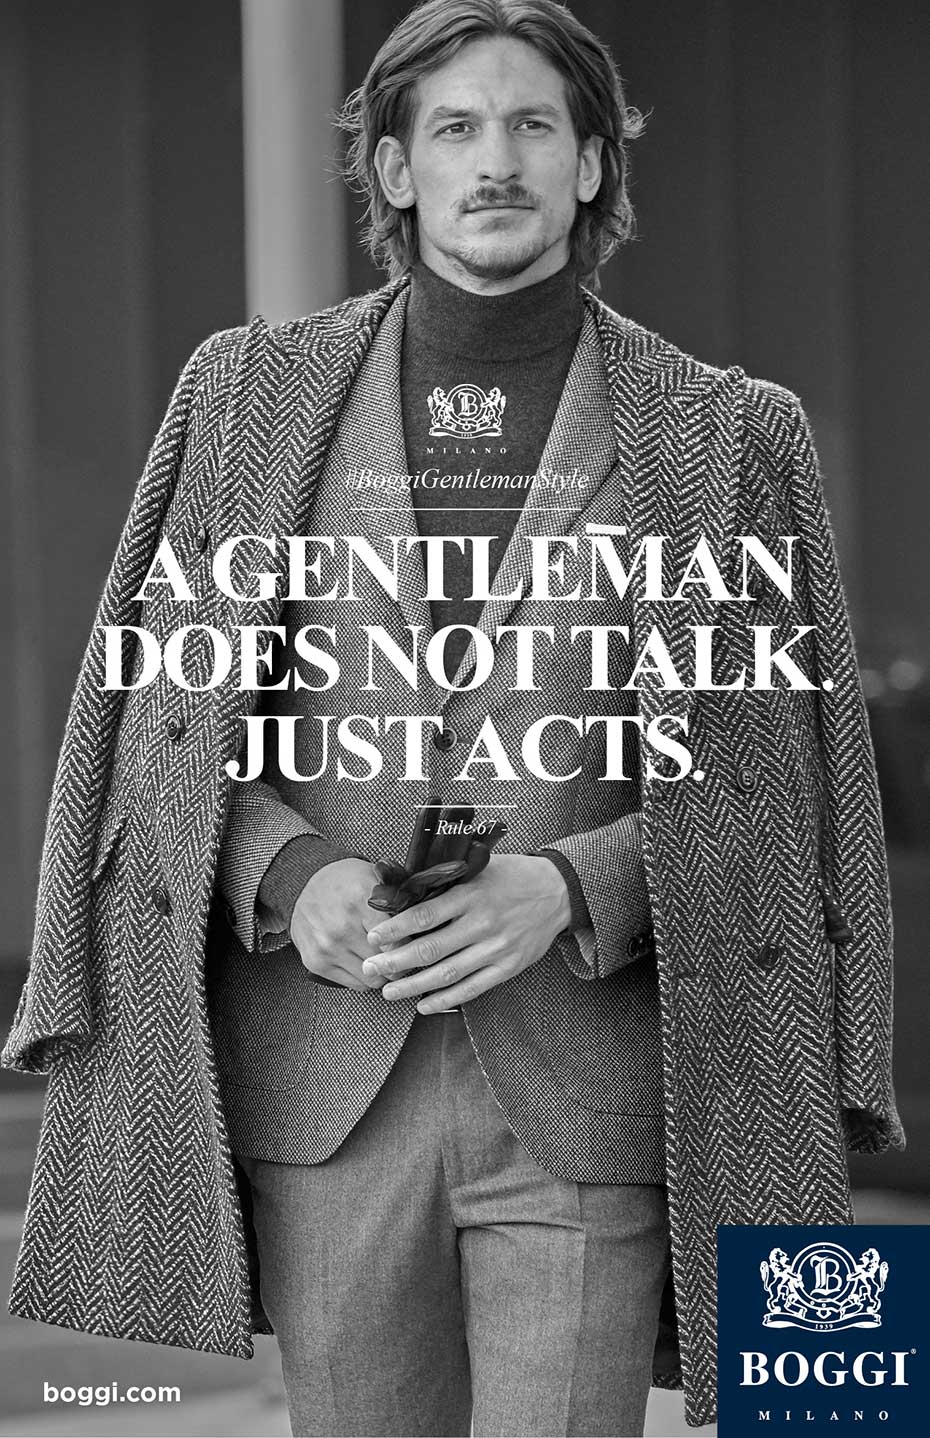 Boggi FW 17/18 - #BoggiGentlemanStyle - by Enrico Labriola